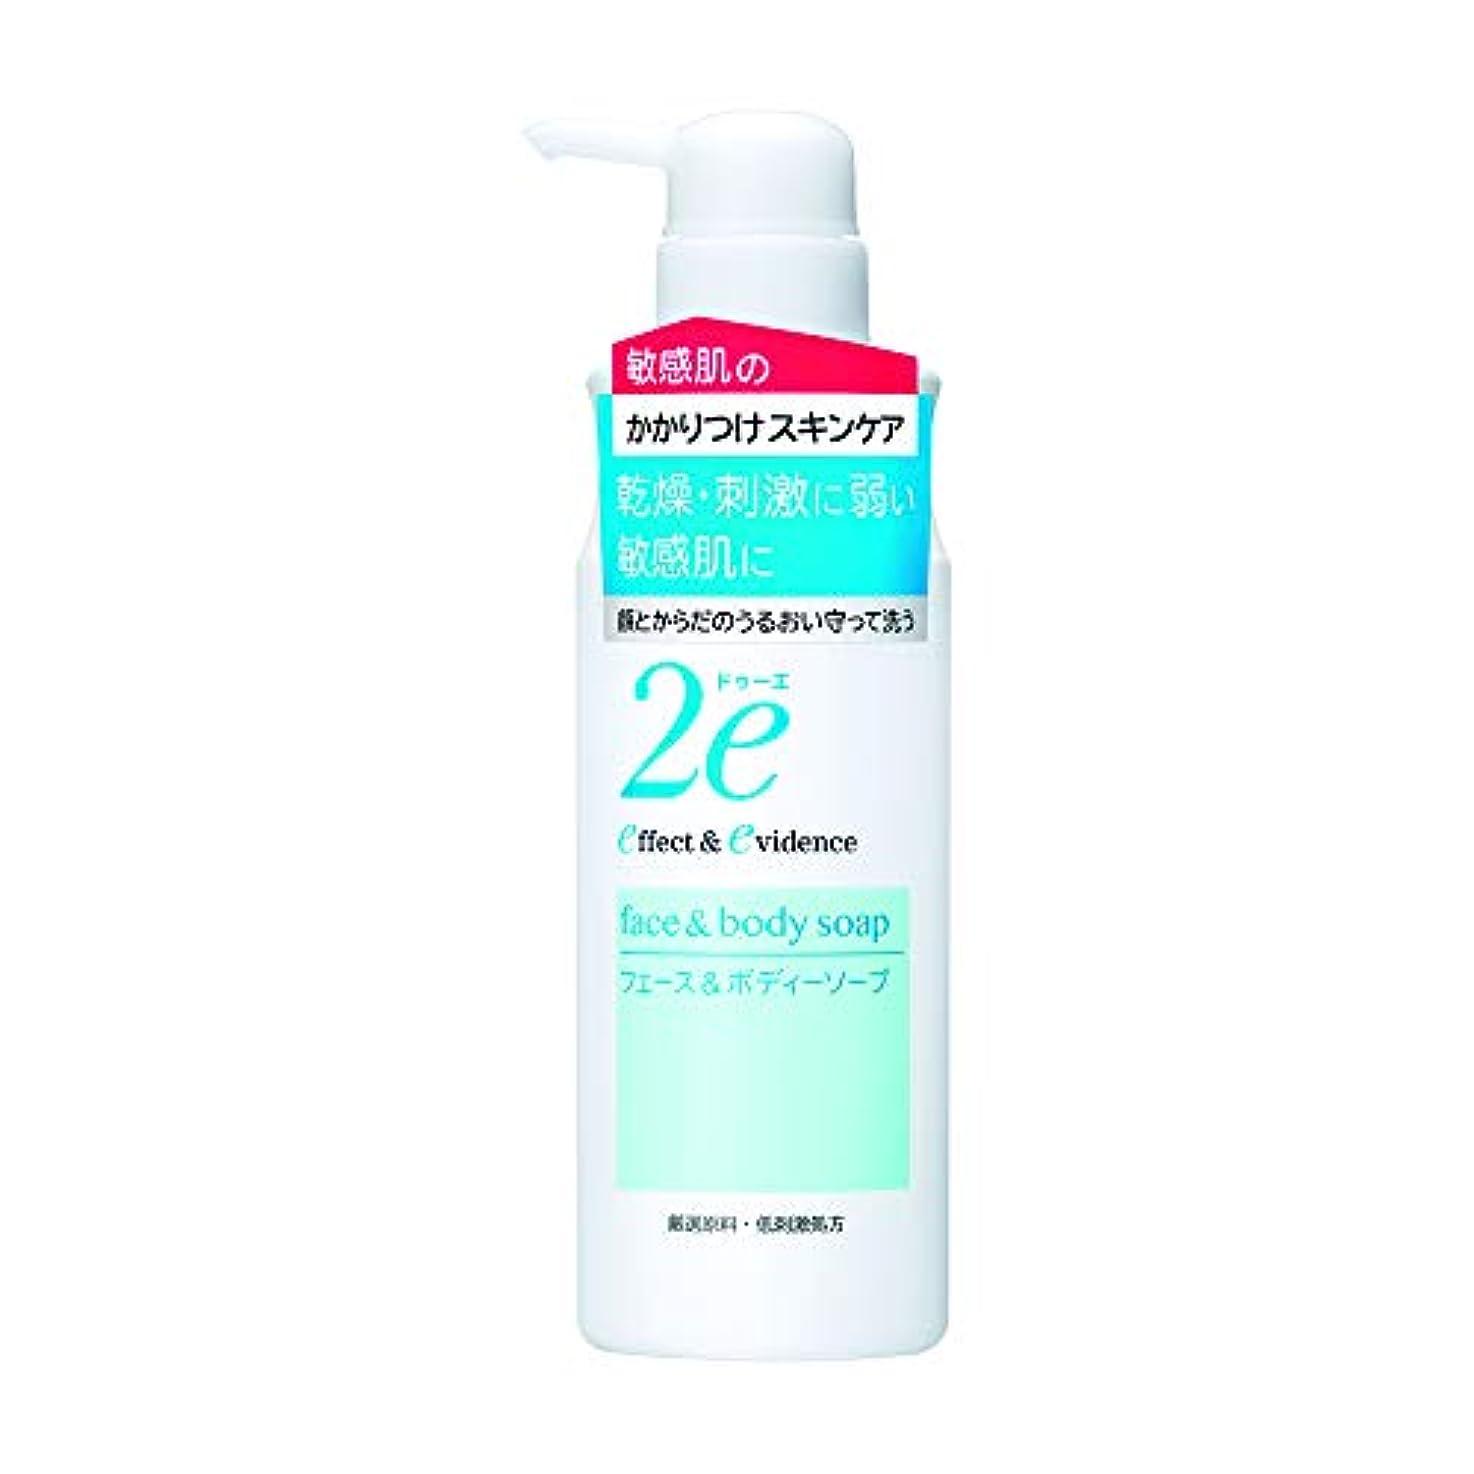 薬理学ダイエットテナント2e(ドゥーエ) フェース&ボディーソープ 敏感肌用洗浄料 低刺激処方 420ml ボディソープ